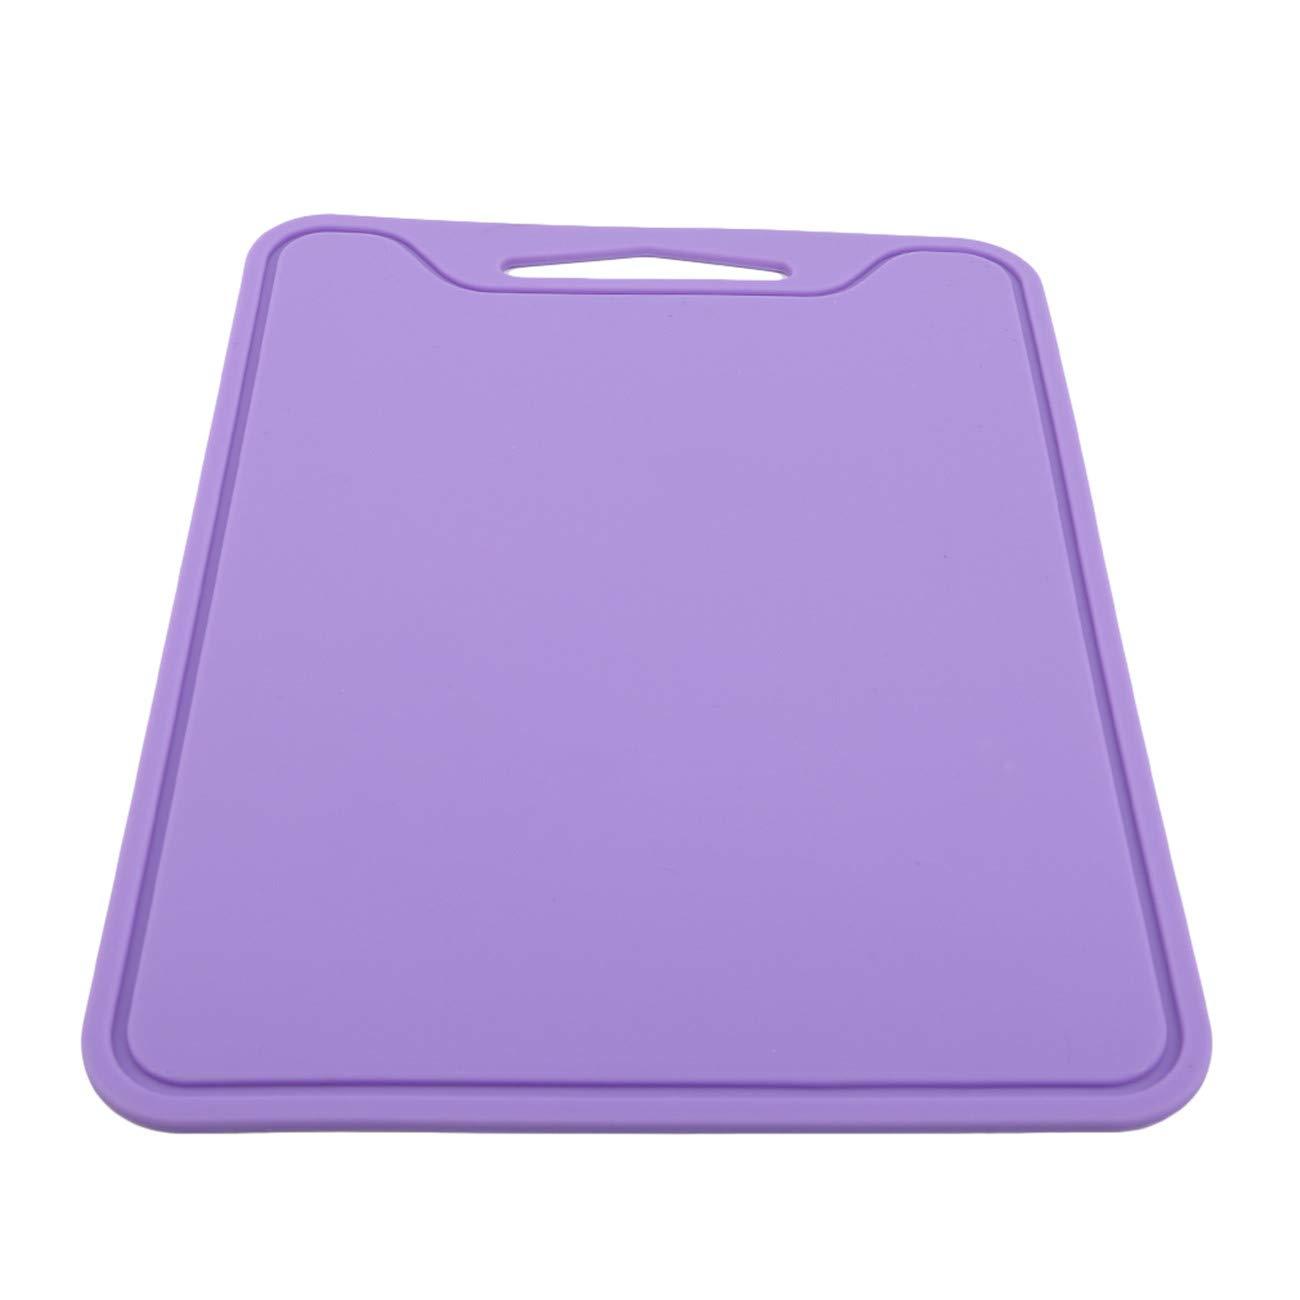 Violet ZALING Planche /À D/écouper en Silicone /Épais Et Flexible Planche /À D/écouper S/écuritaire pour Lave-Vaisselle Outil De Cuisine Utilitaire